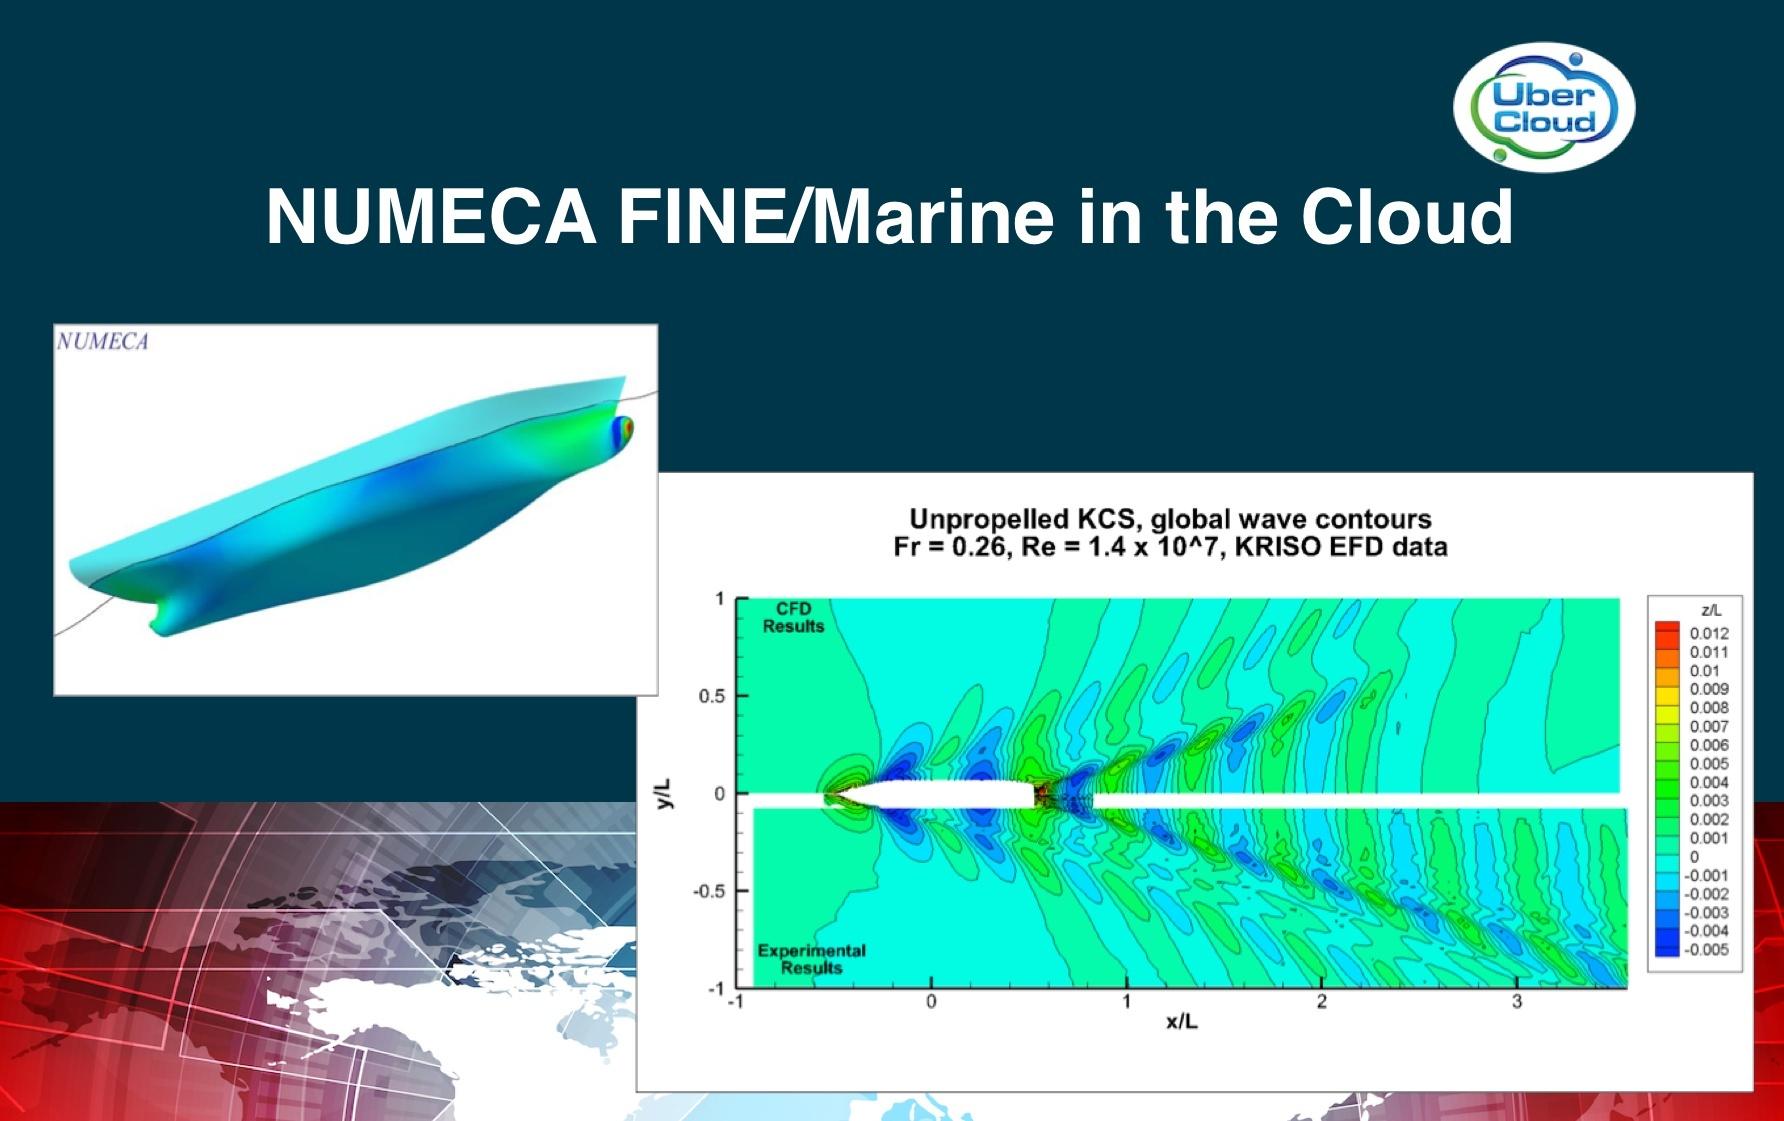 NUMECA FINE MARINE Cloud